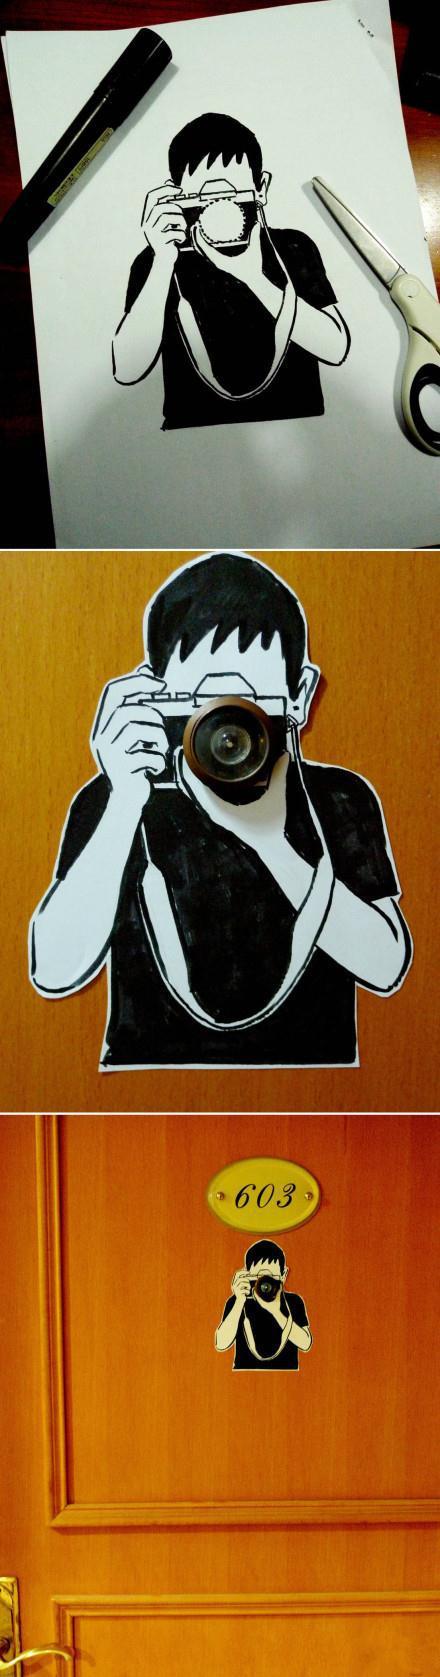 今天为房门的猫眼画了一个剪贴图,让猫眼显得更有意义哈哈。。(viatango2010 )